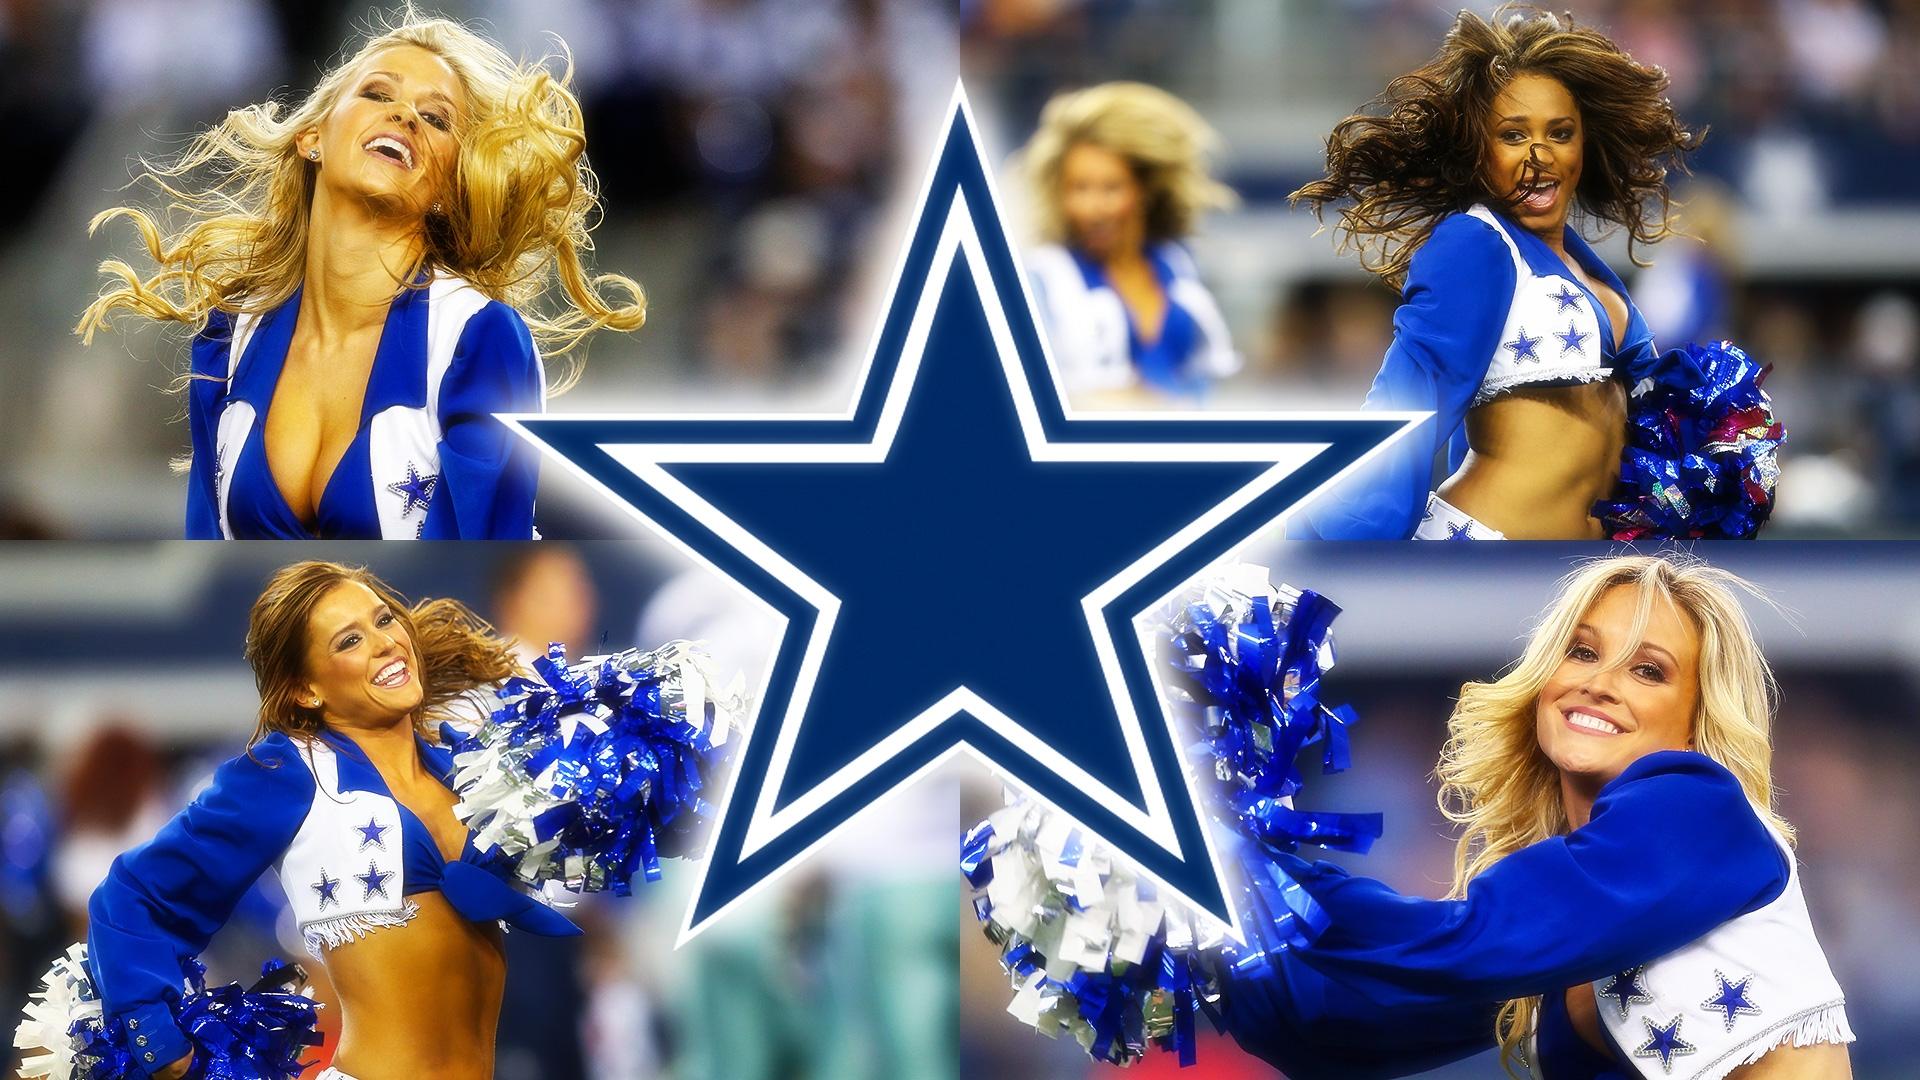 Dallas Cowboys Cheerleaders Wallpaper For Desktop - Dallas Cowboys Star - HD Wallpaper